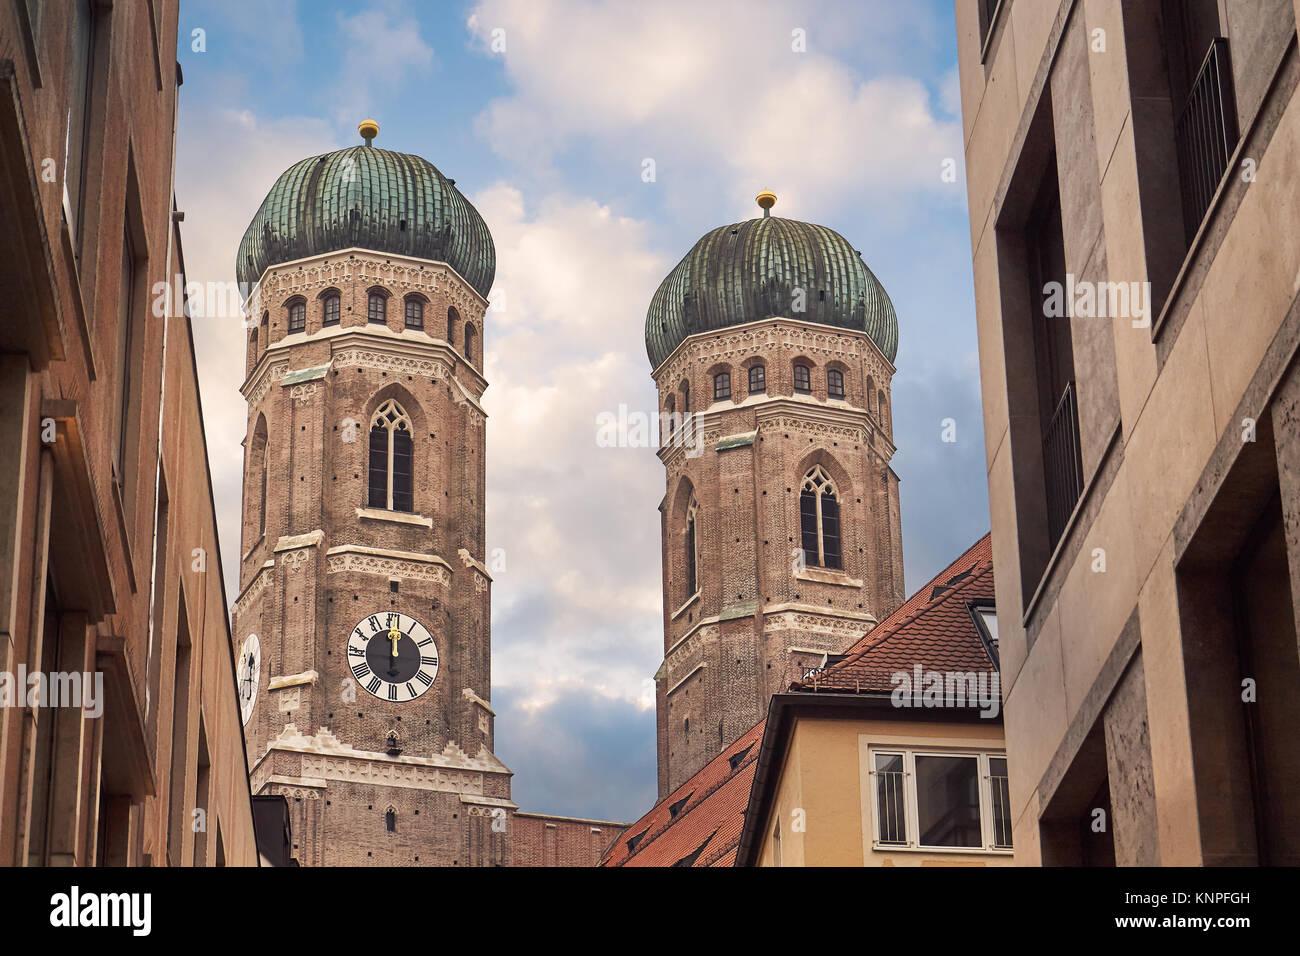 Tours de la cathédrale Notre-Dame (Frauenkirche) à Munich, Allemagne Photo Stock